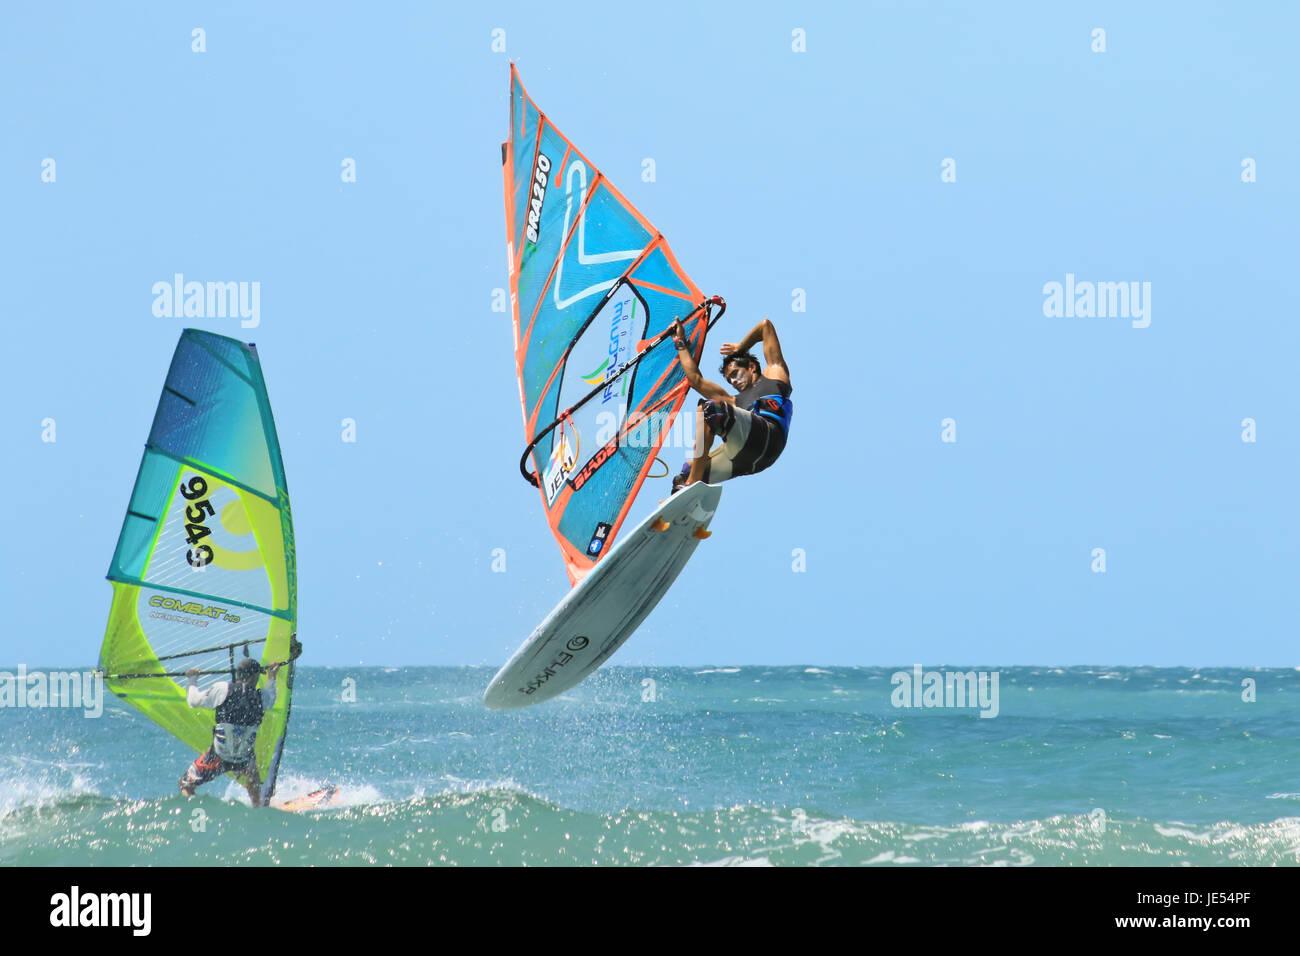 JERICOACOARA.CEARA/BRASIL - CIRCA DECEMBER 2016: windsurfer sportmen Advan Souza makes trick at the water - Stock Image